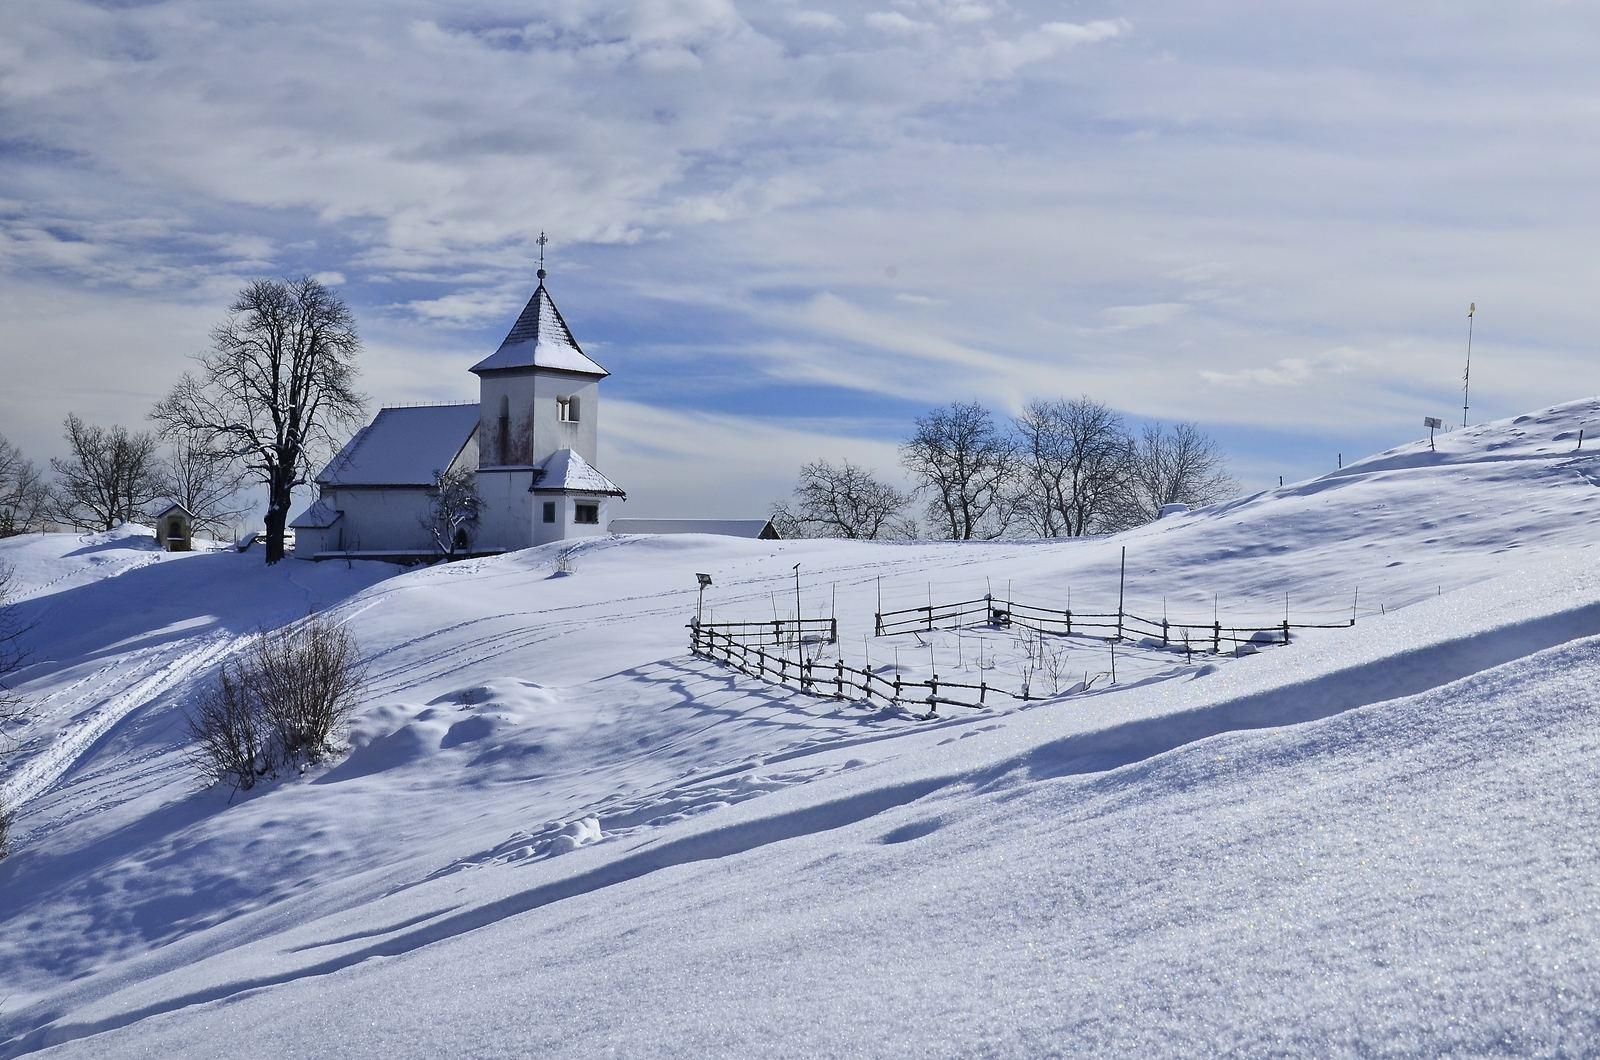 Kostel Sveti Peter nad Begunjami, Slovinsko